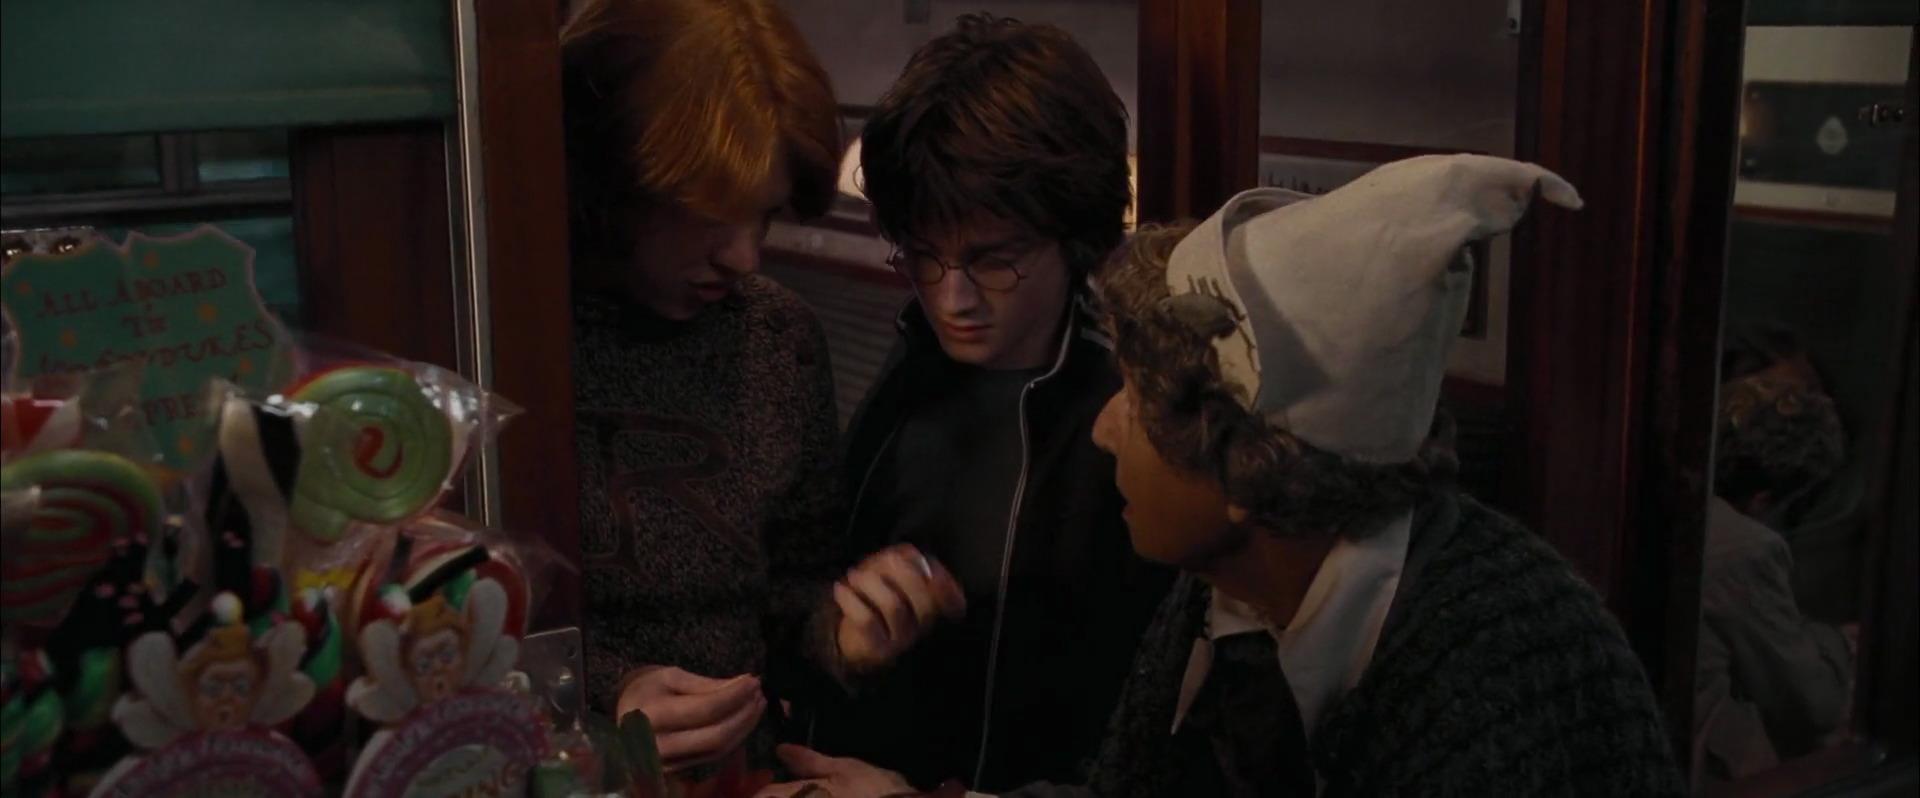 harry-potter-goblet-of-fire-movie-screencaps_com-1554.jpg